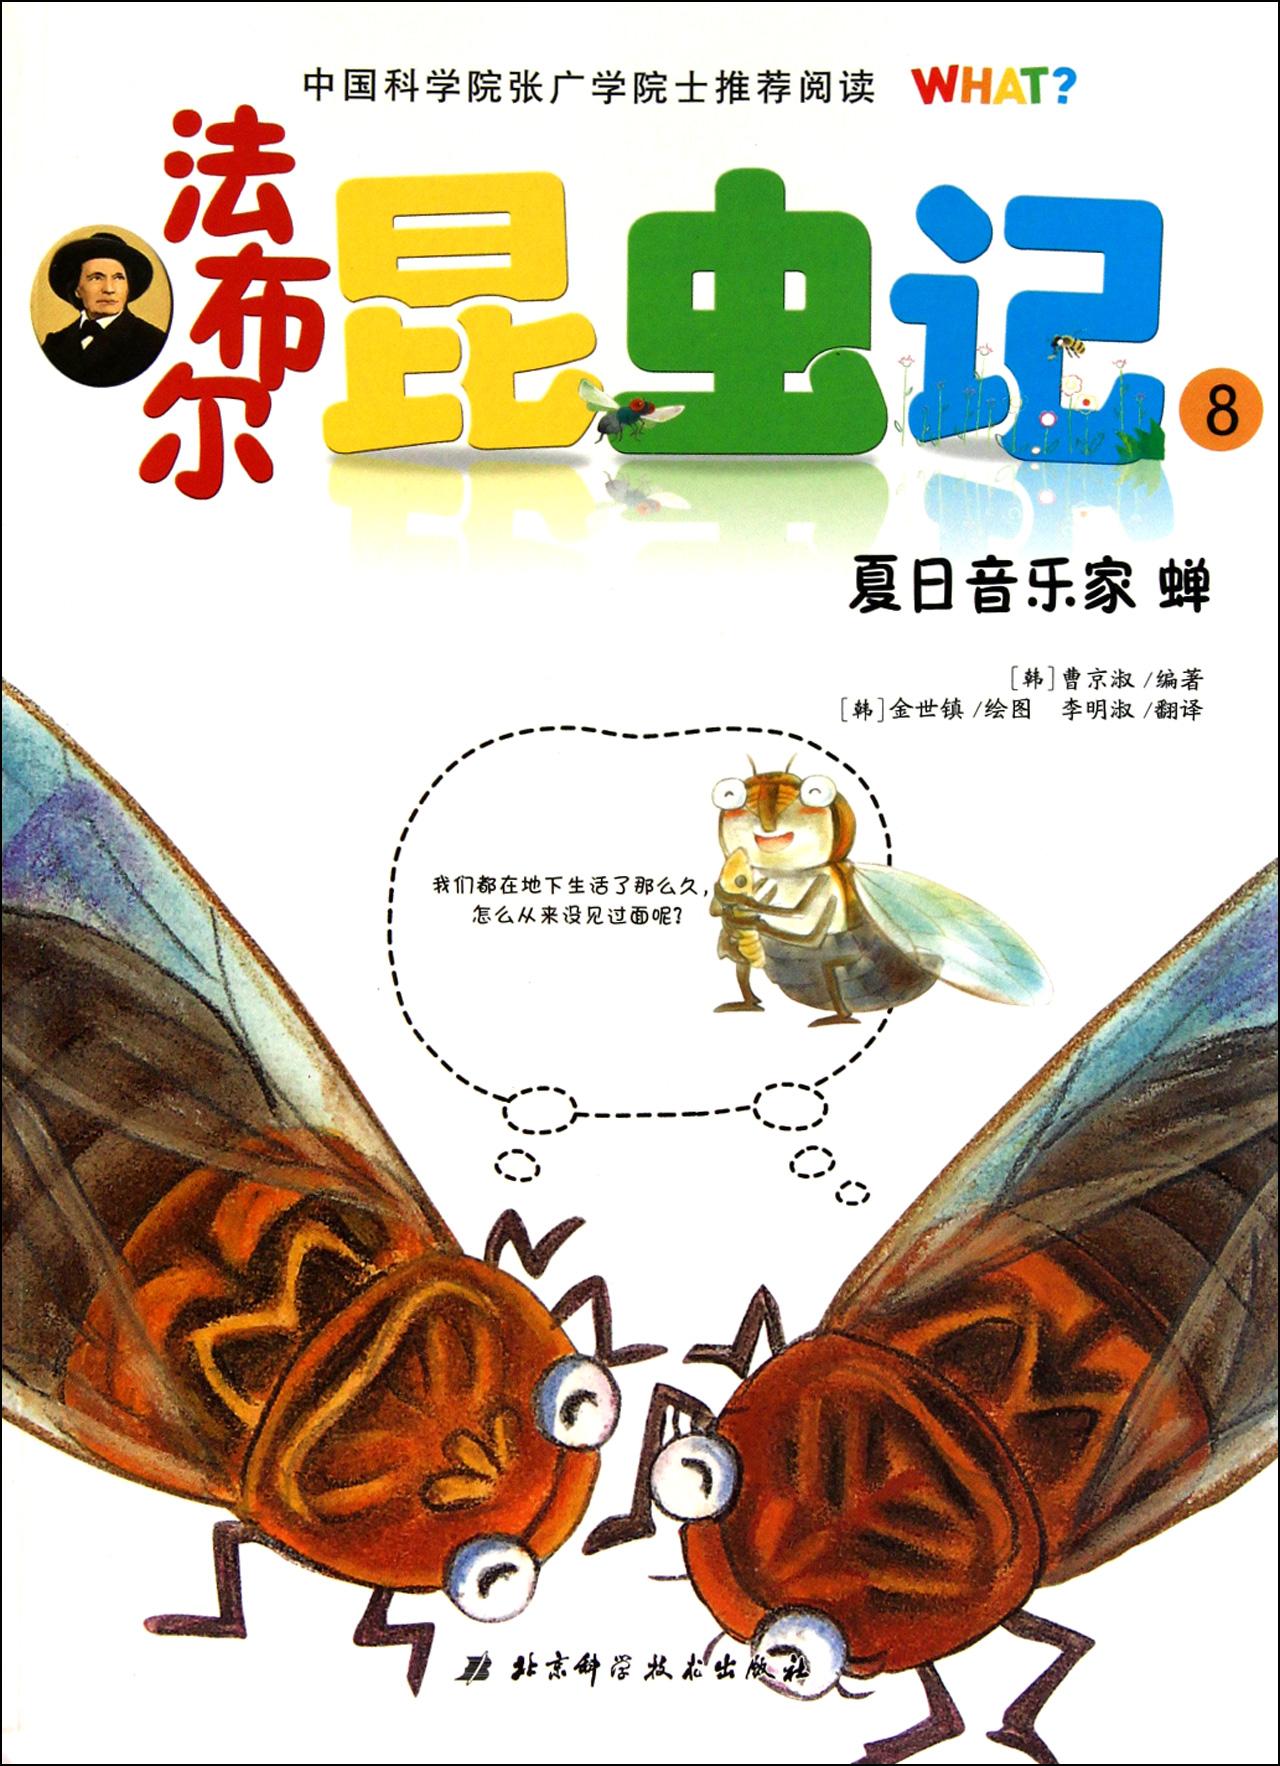 法布尔昆虫记(8夏日音乐家蝉)